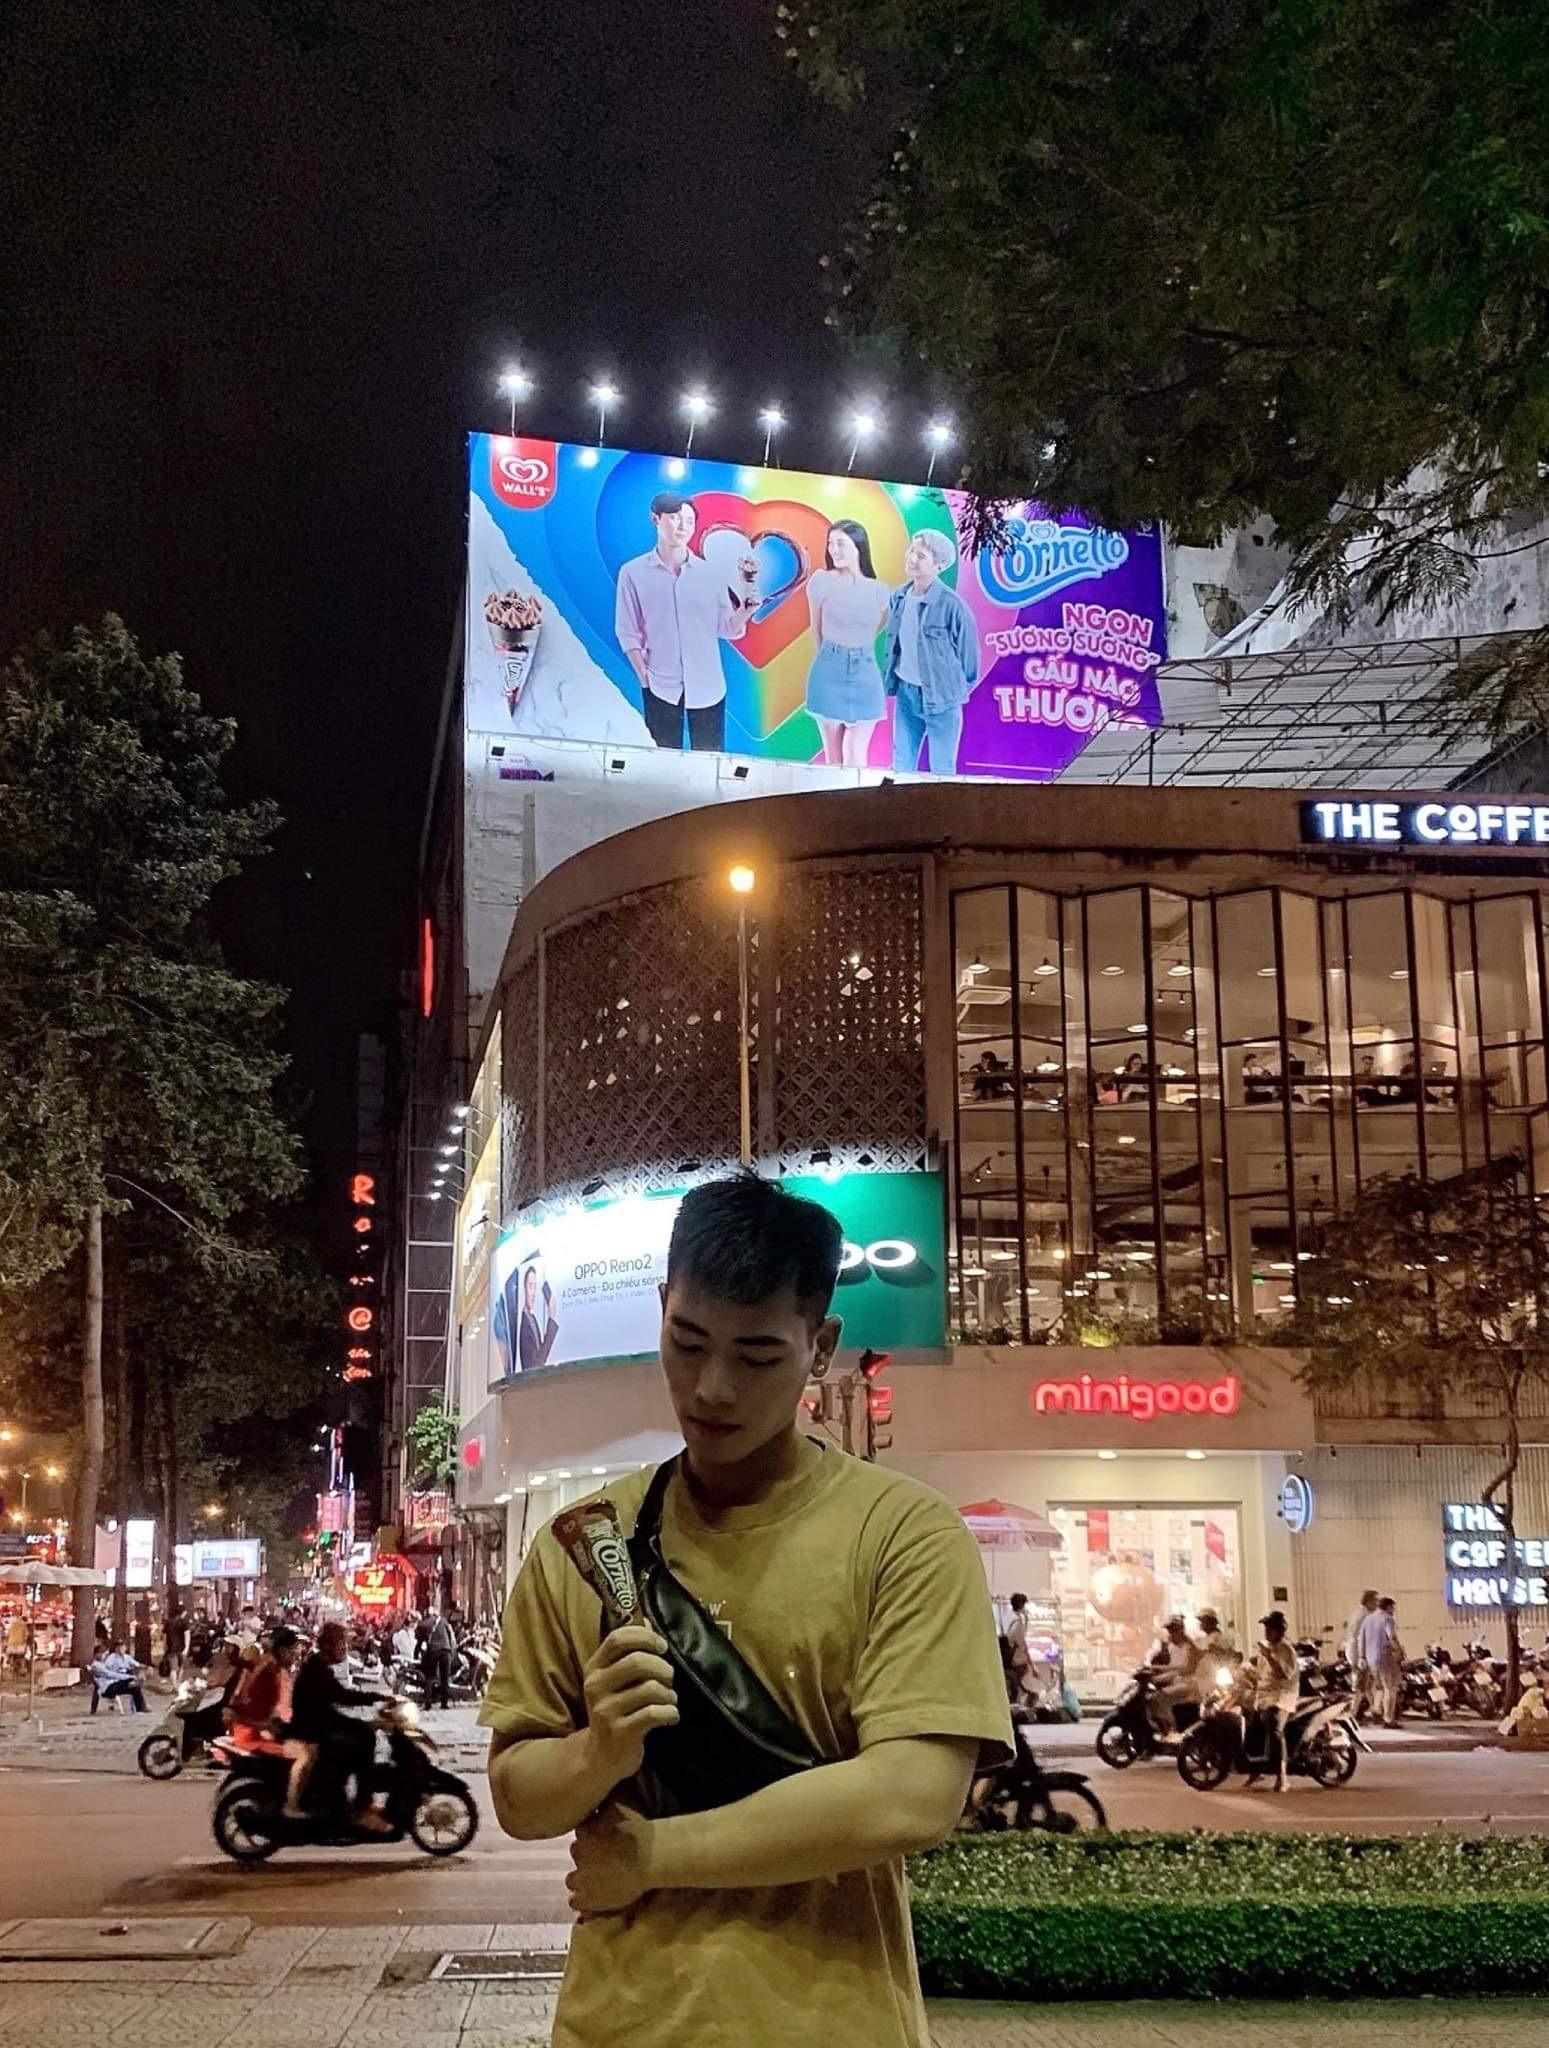 Điều gì khiến biển quảng cáo này trở thành nơi khiến giới trẻ Sài Gòn lẫn Hà Nội hào hứng tranh nhau check-in? - Ảnh 1.